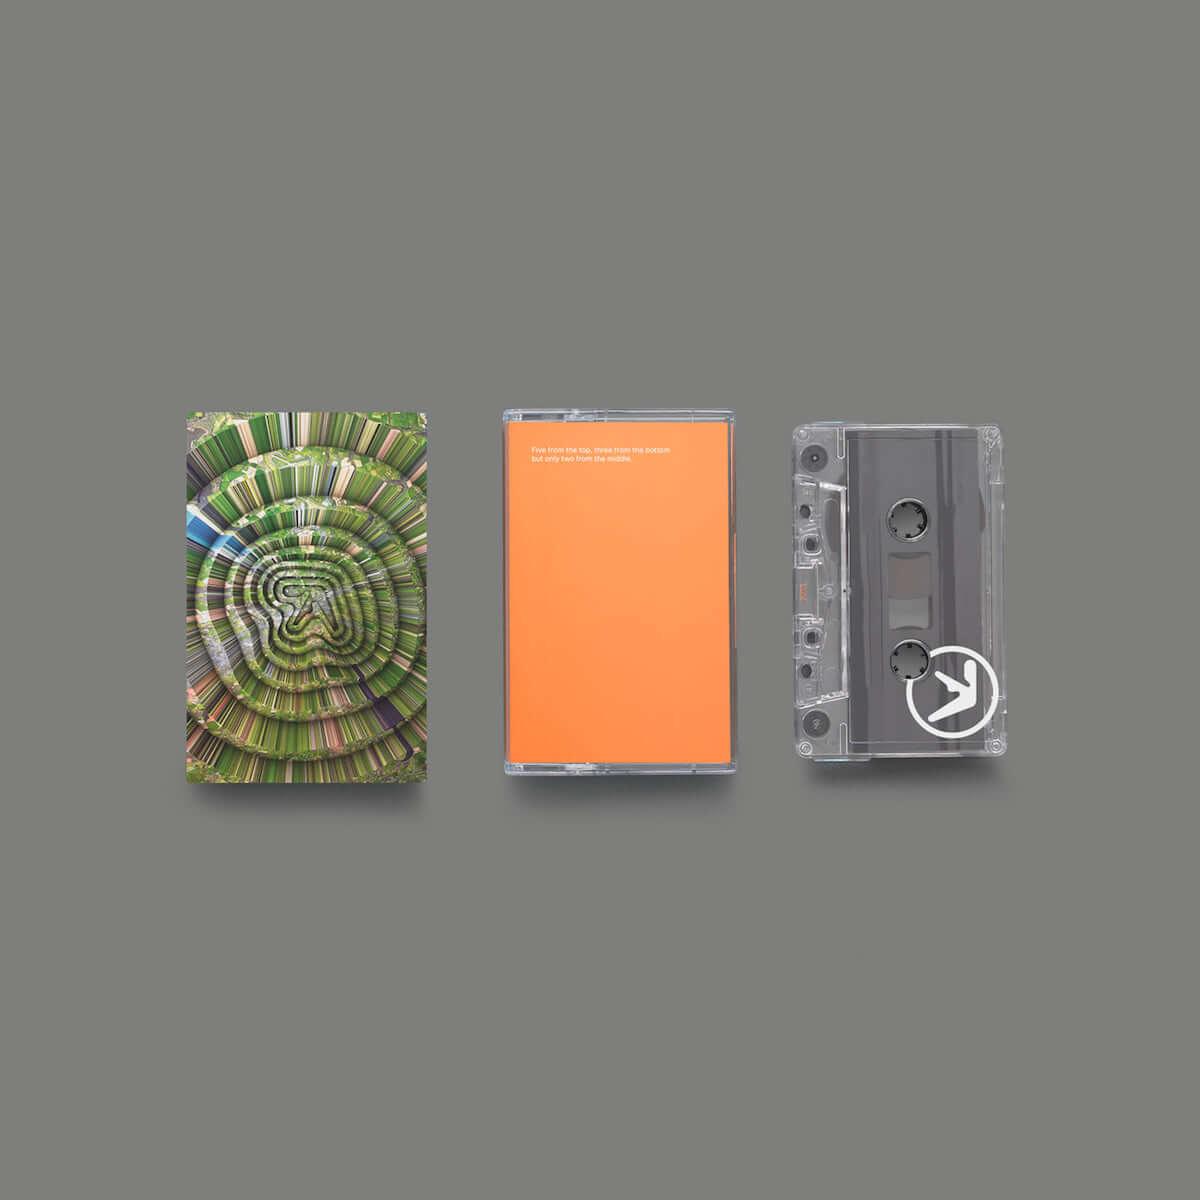 エイフェックス・ツイン『Collapse EP』発売記念!盛り上がり間違いなしのインストアDJイベントがBEAMS RECORDSで開催 aphex-twin-beams-180912_2-1200x1200